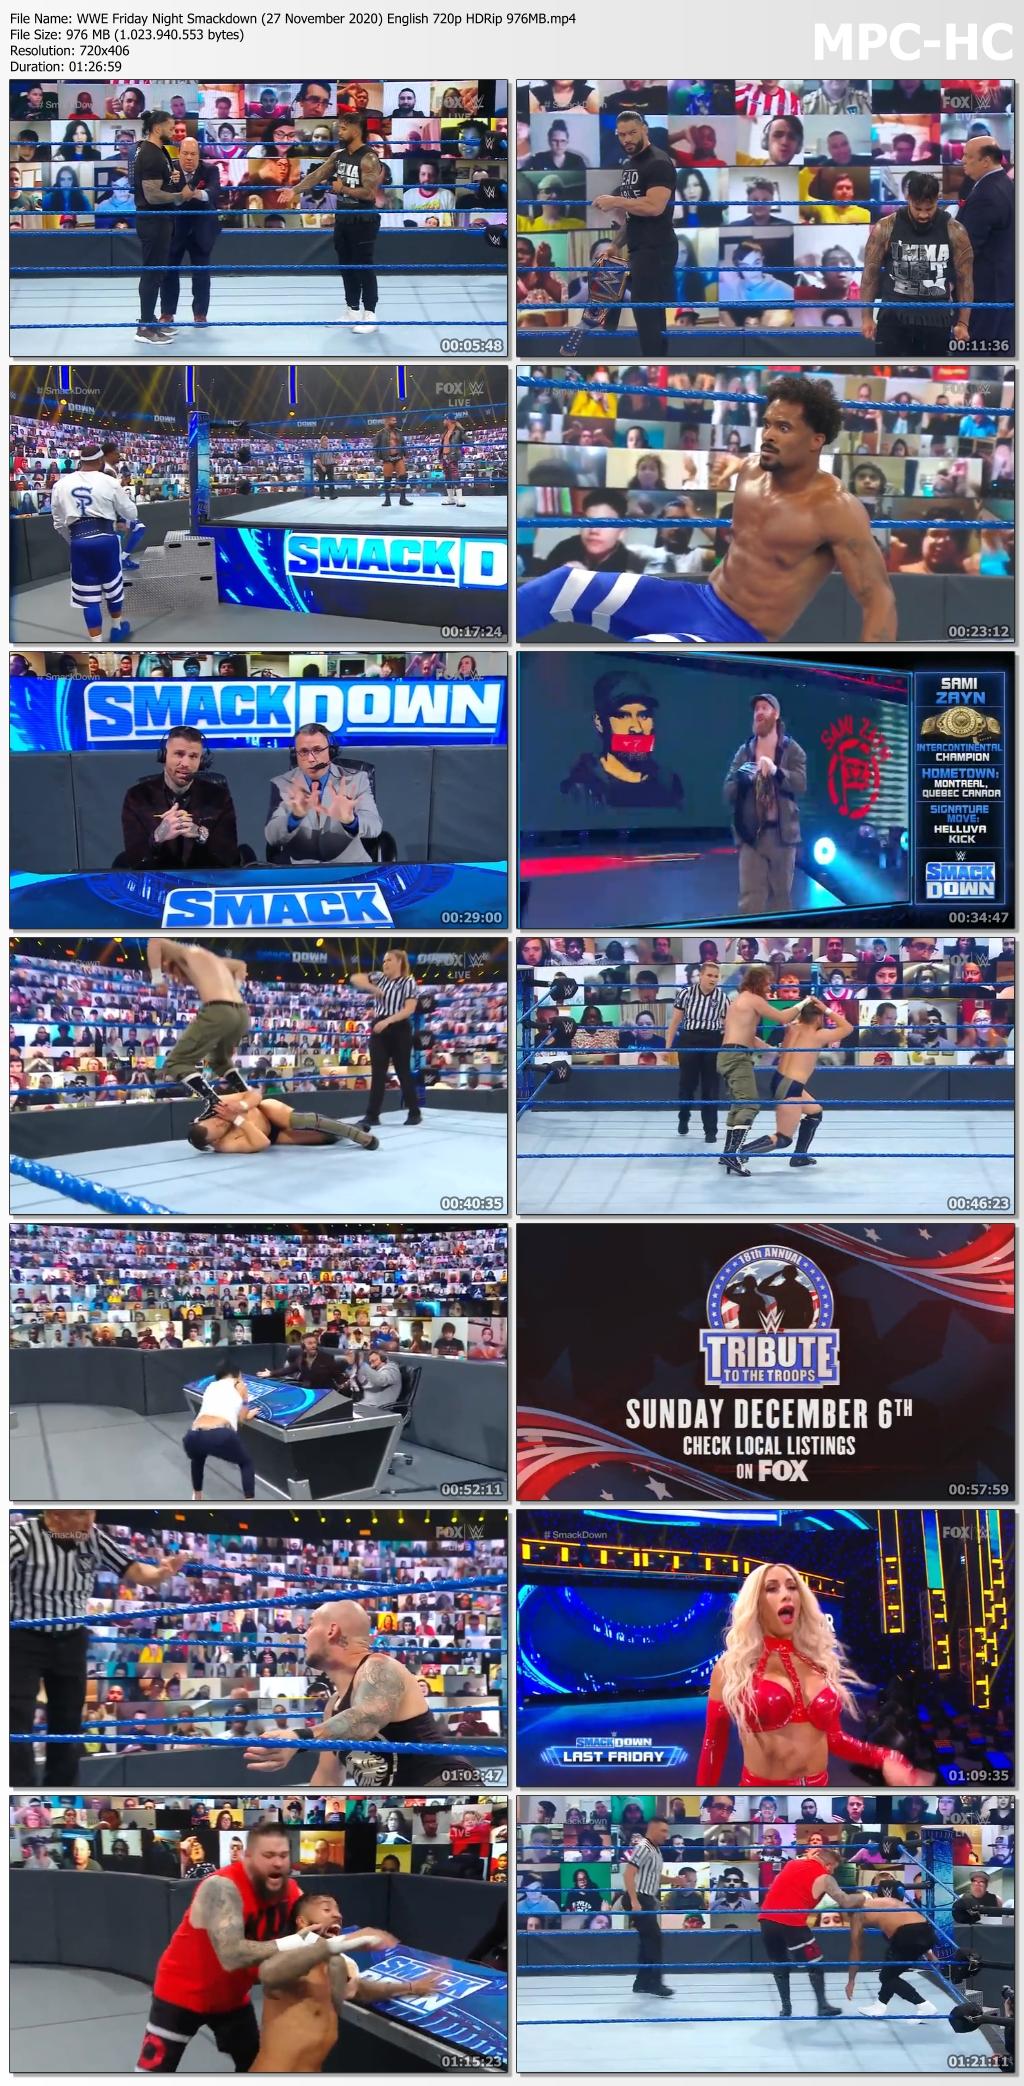 WWE-Friday-Night-Smackdown-27-November-2020-English-720p-HDRip-976-MB-mp4-thumbs